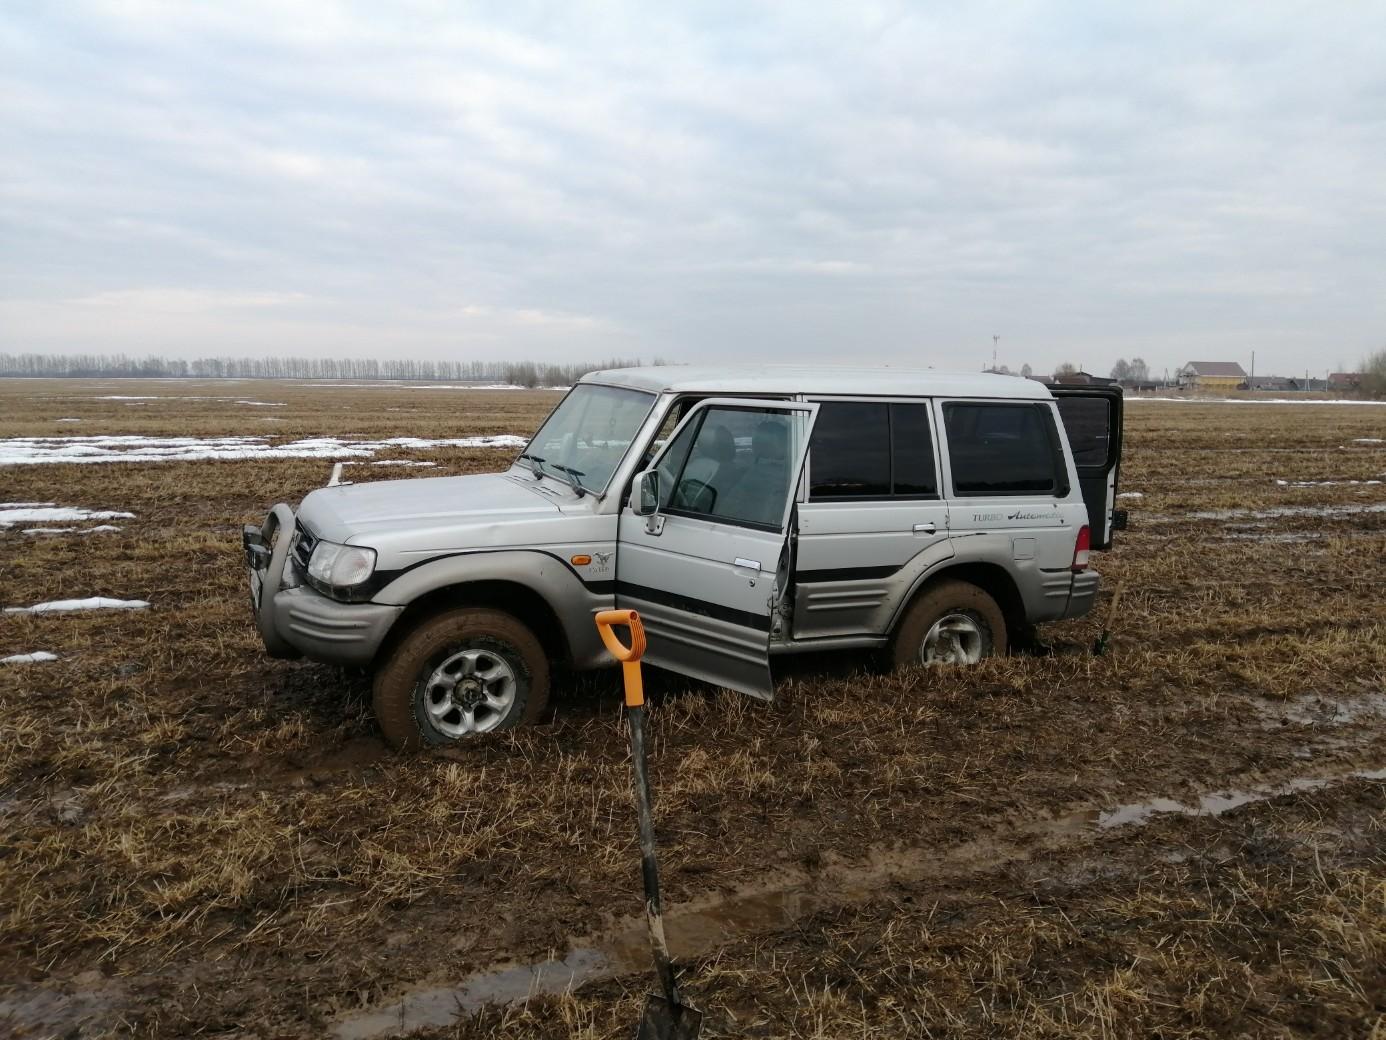 Ярославцы на внедорожниках помогают попавшим в беду водителям